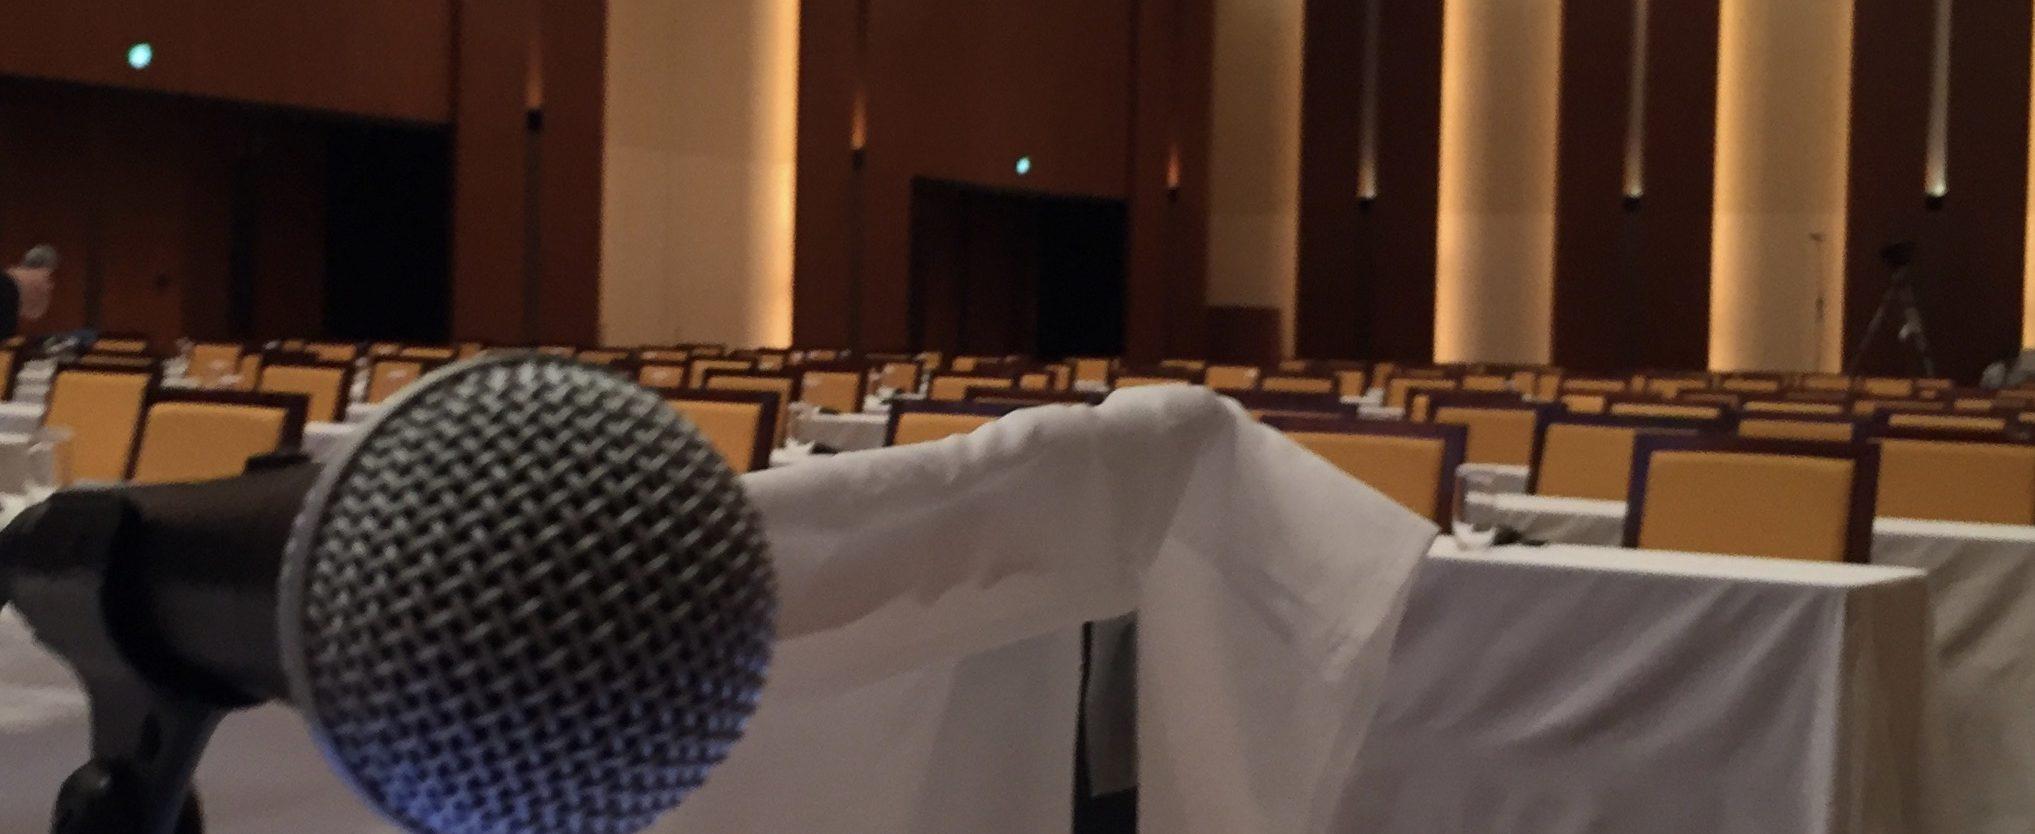 【全国対応】司会・影アナ・ナレーション プロのアナウンサーをご紹介します